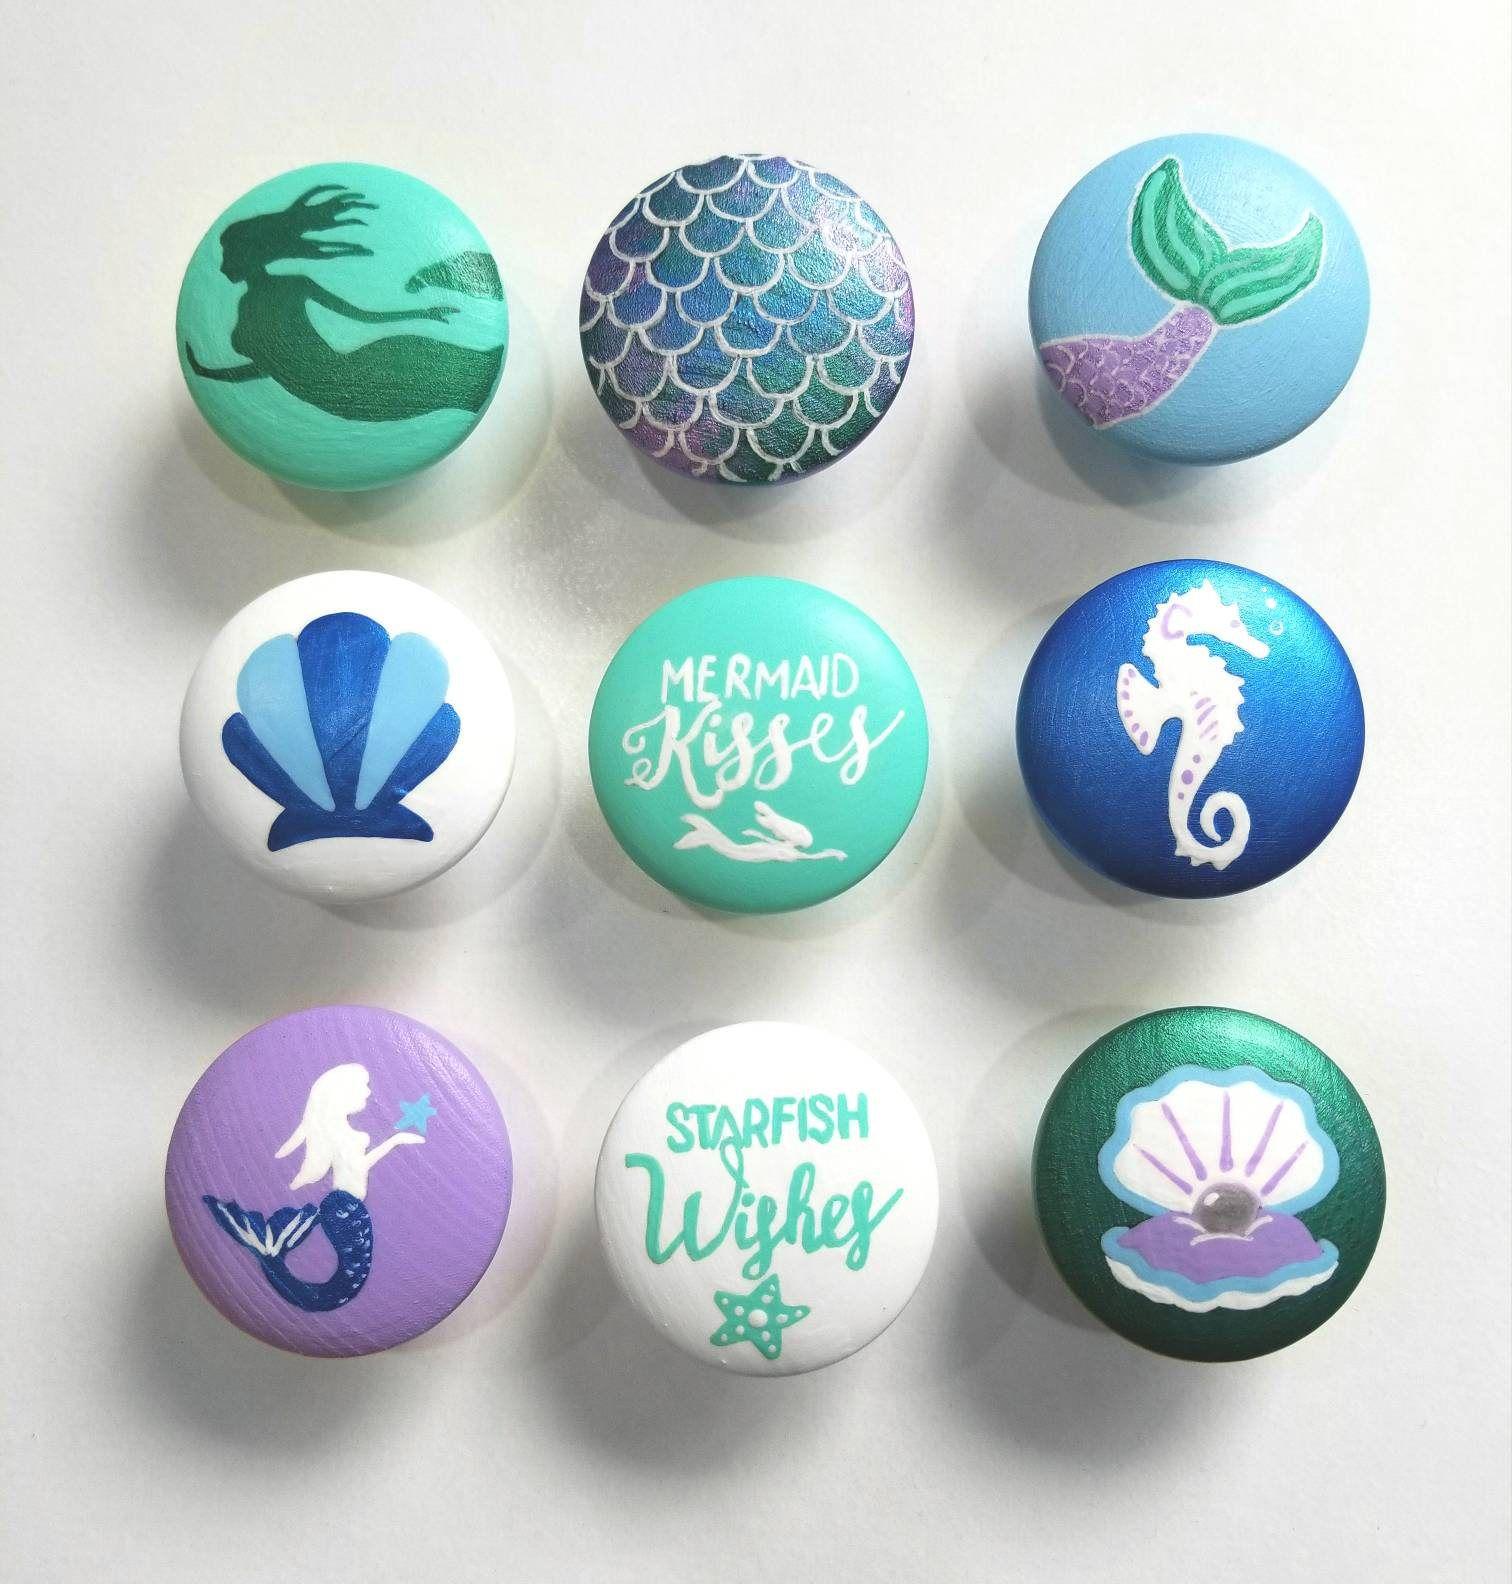 Mermaid Drawer Knob, Hand Painted Mermaid Ocean Drawer Pull, Mermaid Decor, Single Drawer Knob